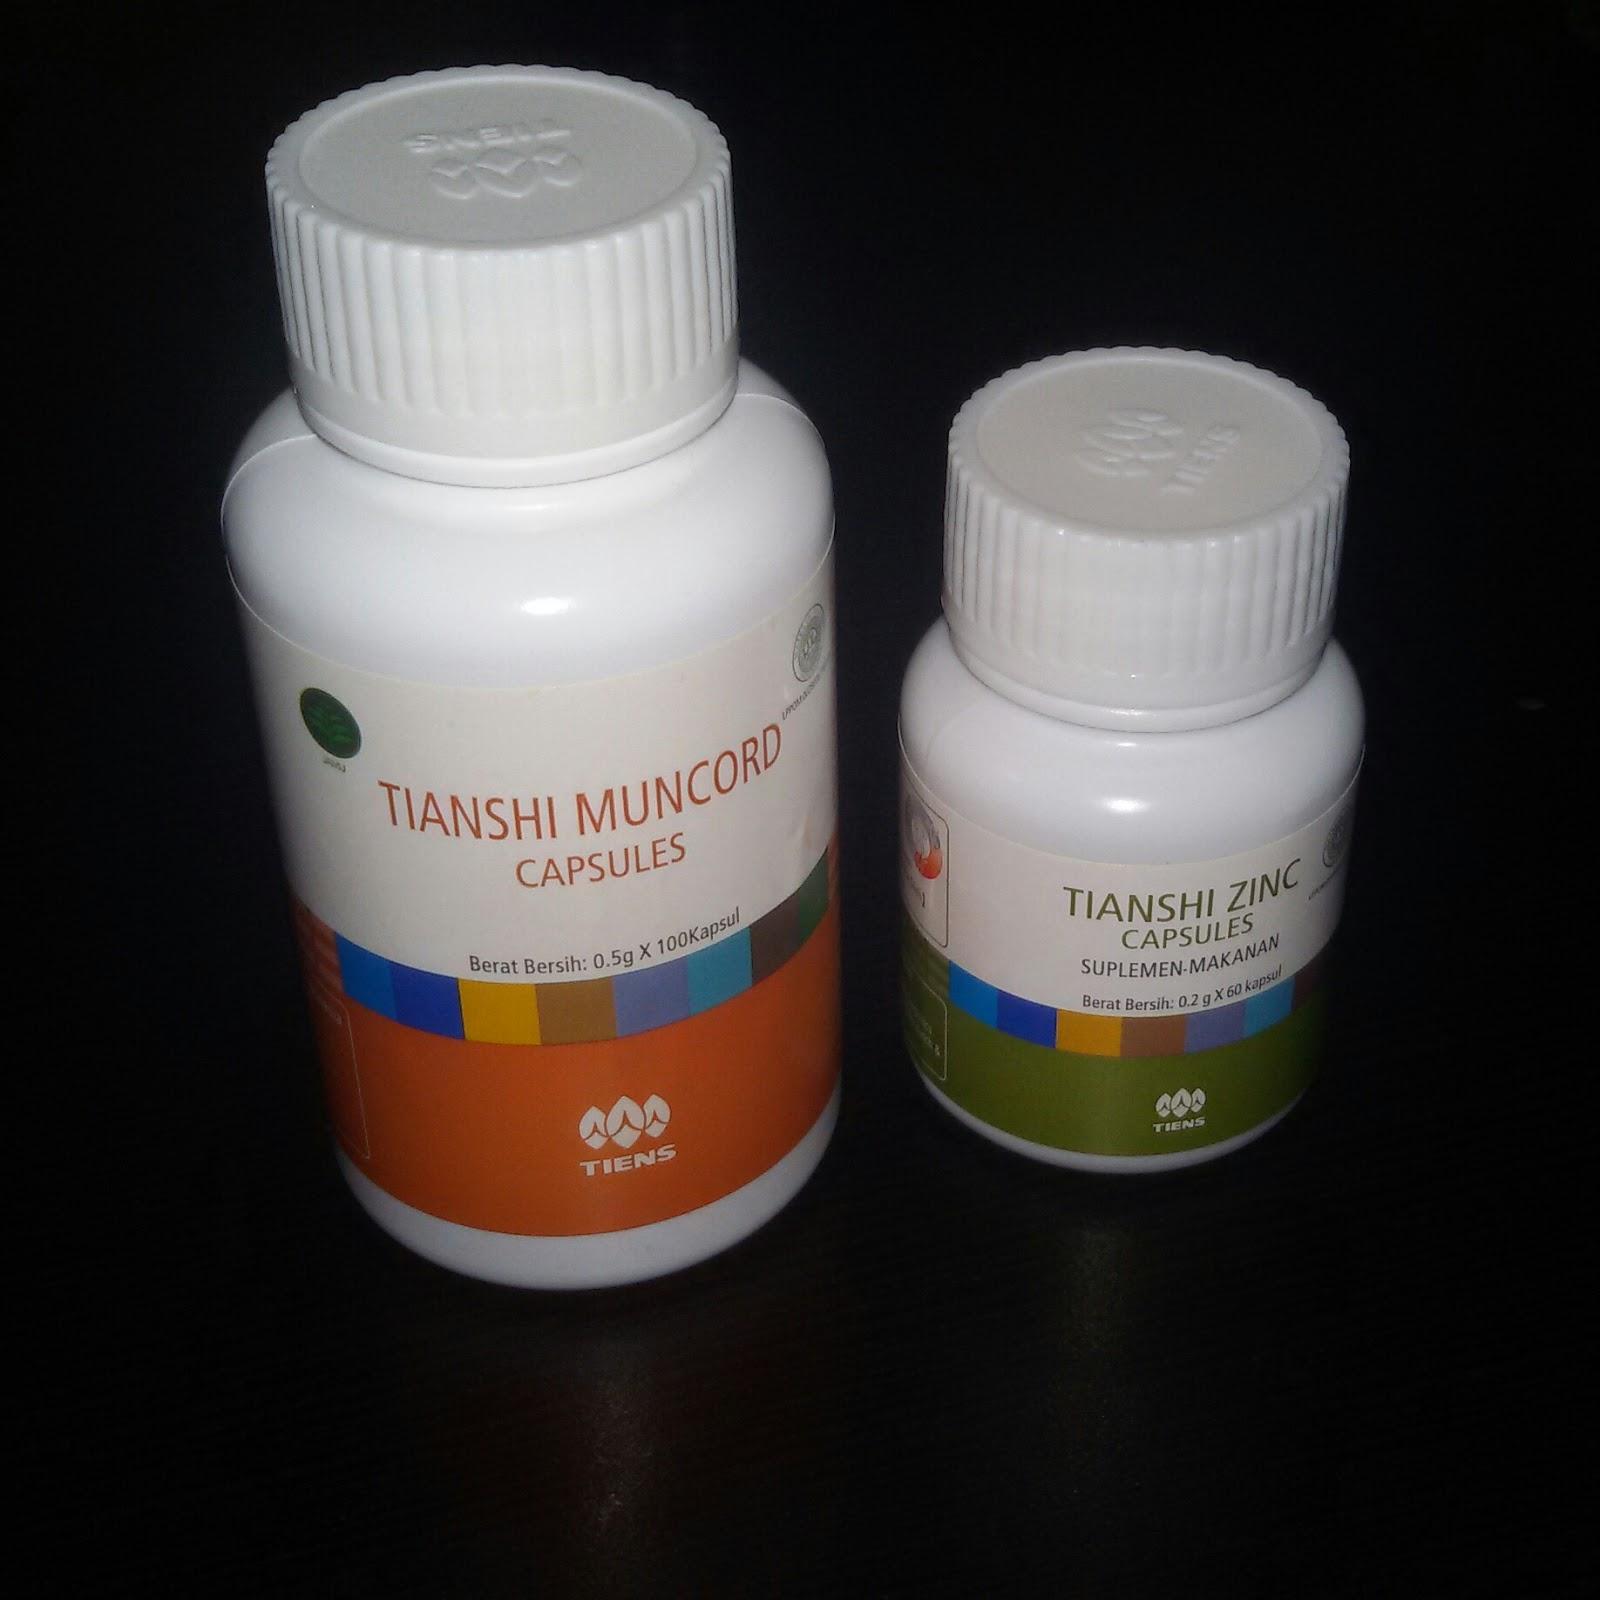 tiens obat kuat alami agar tahan lama berhubungan intim di